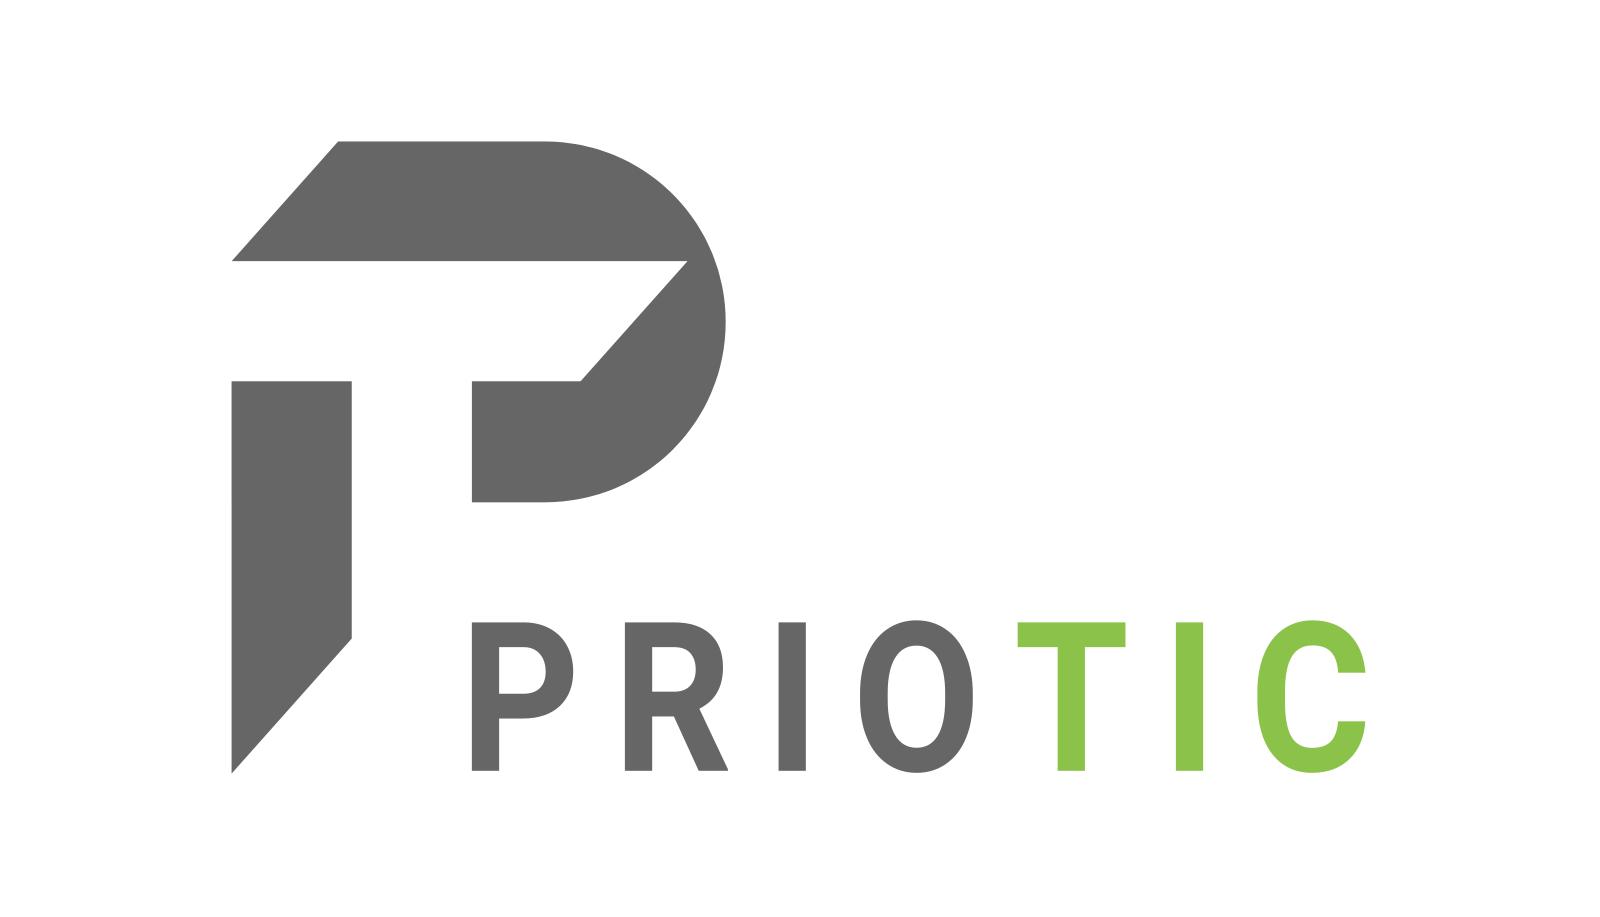 Priotic GmbH